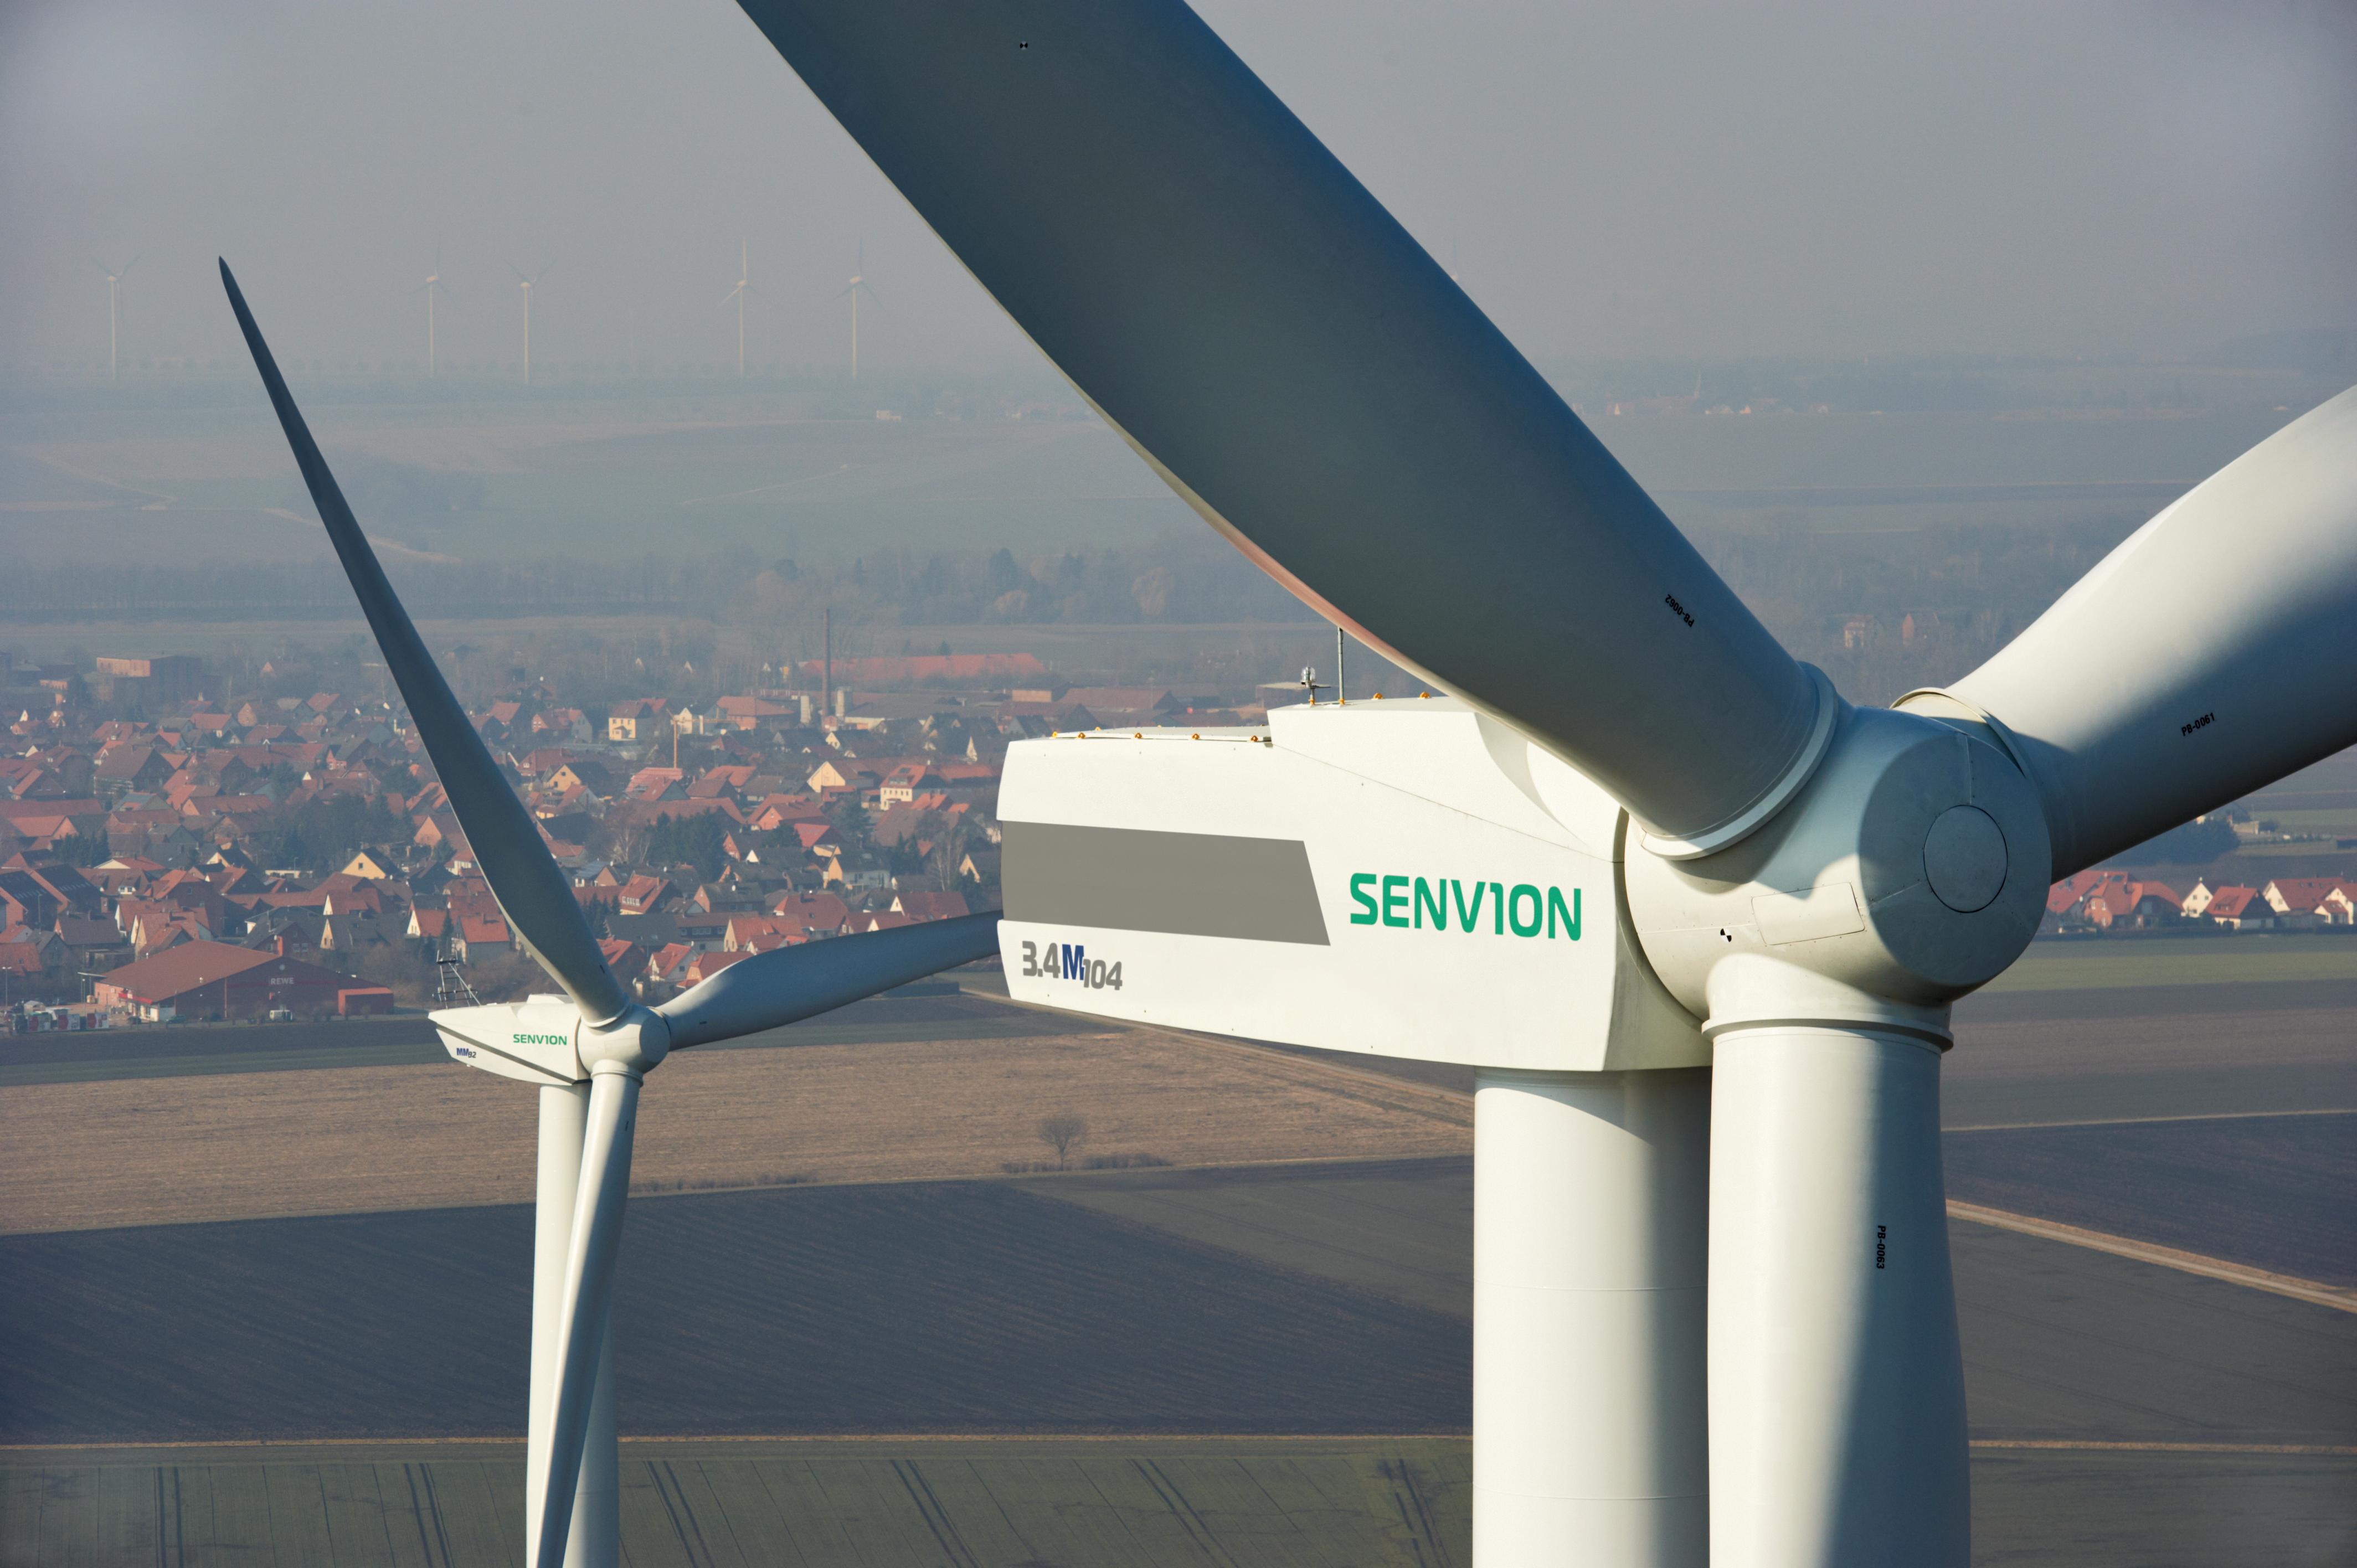 Repower 3.4M104 mit 128-Meter-Hybridturm, Clauen